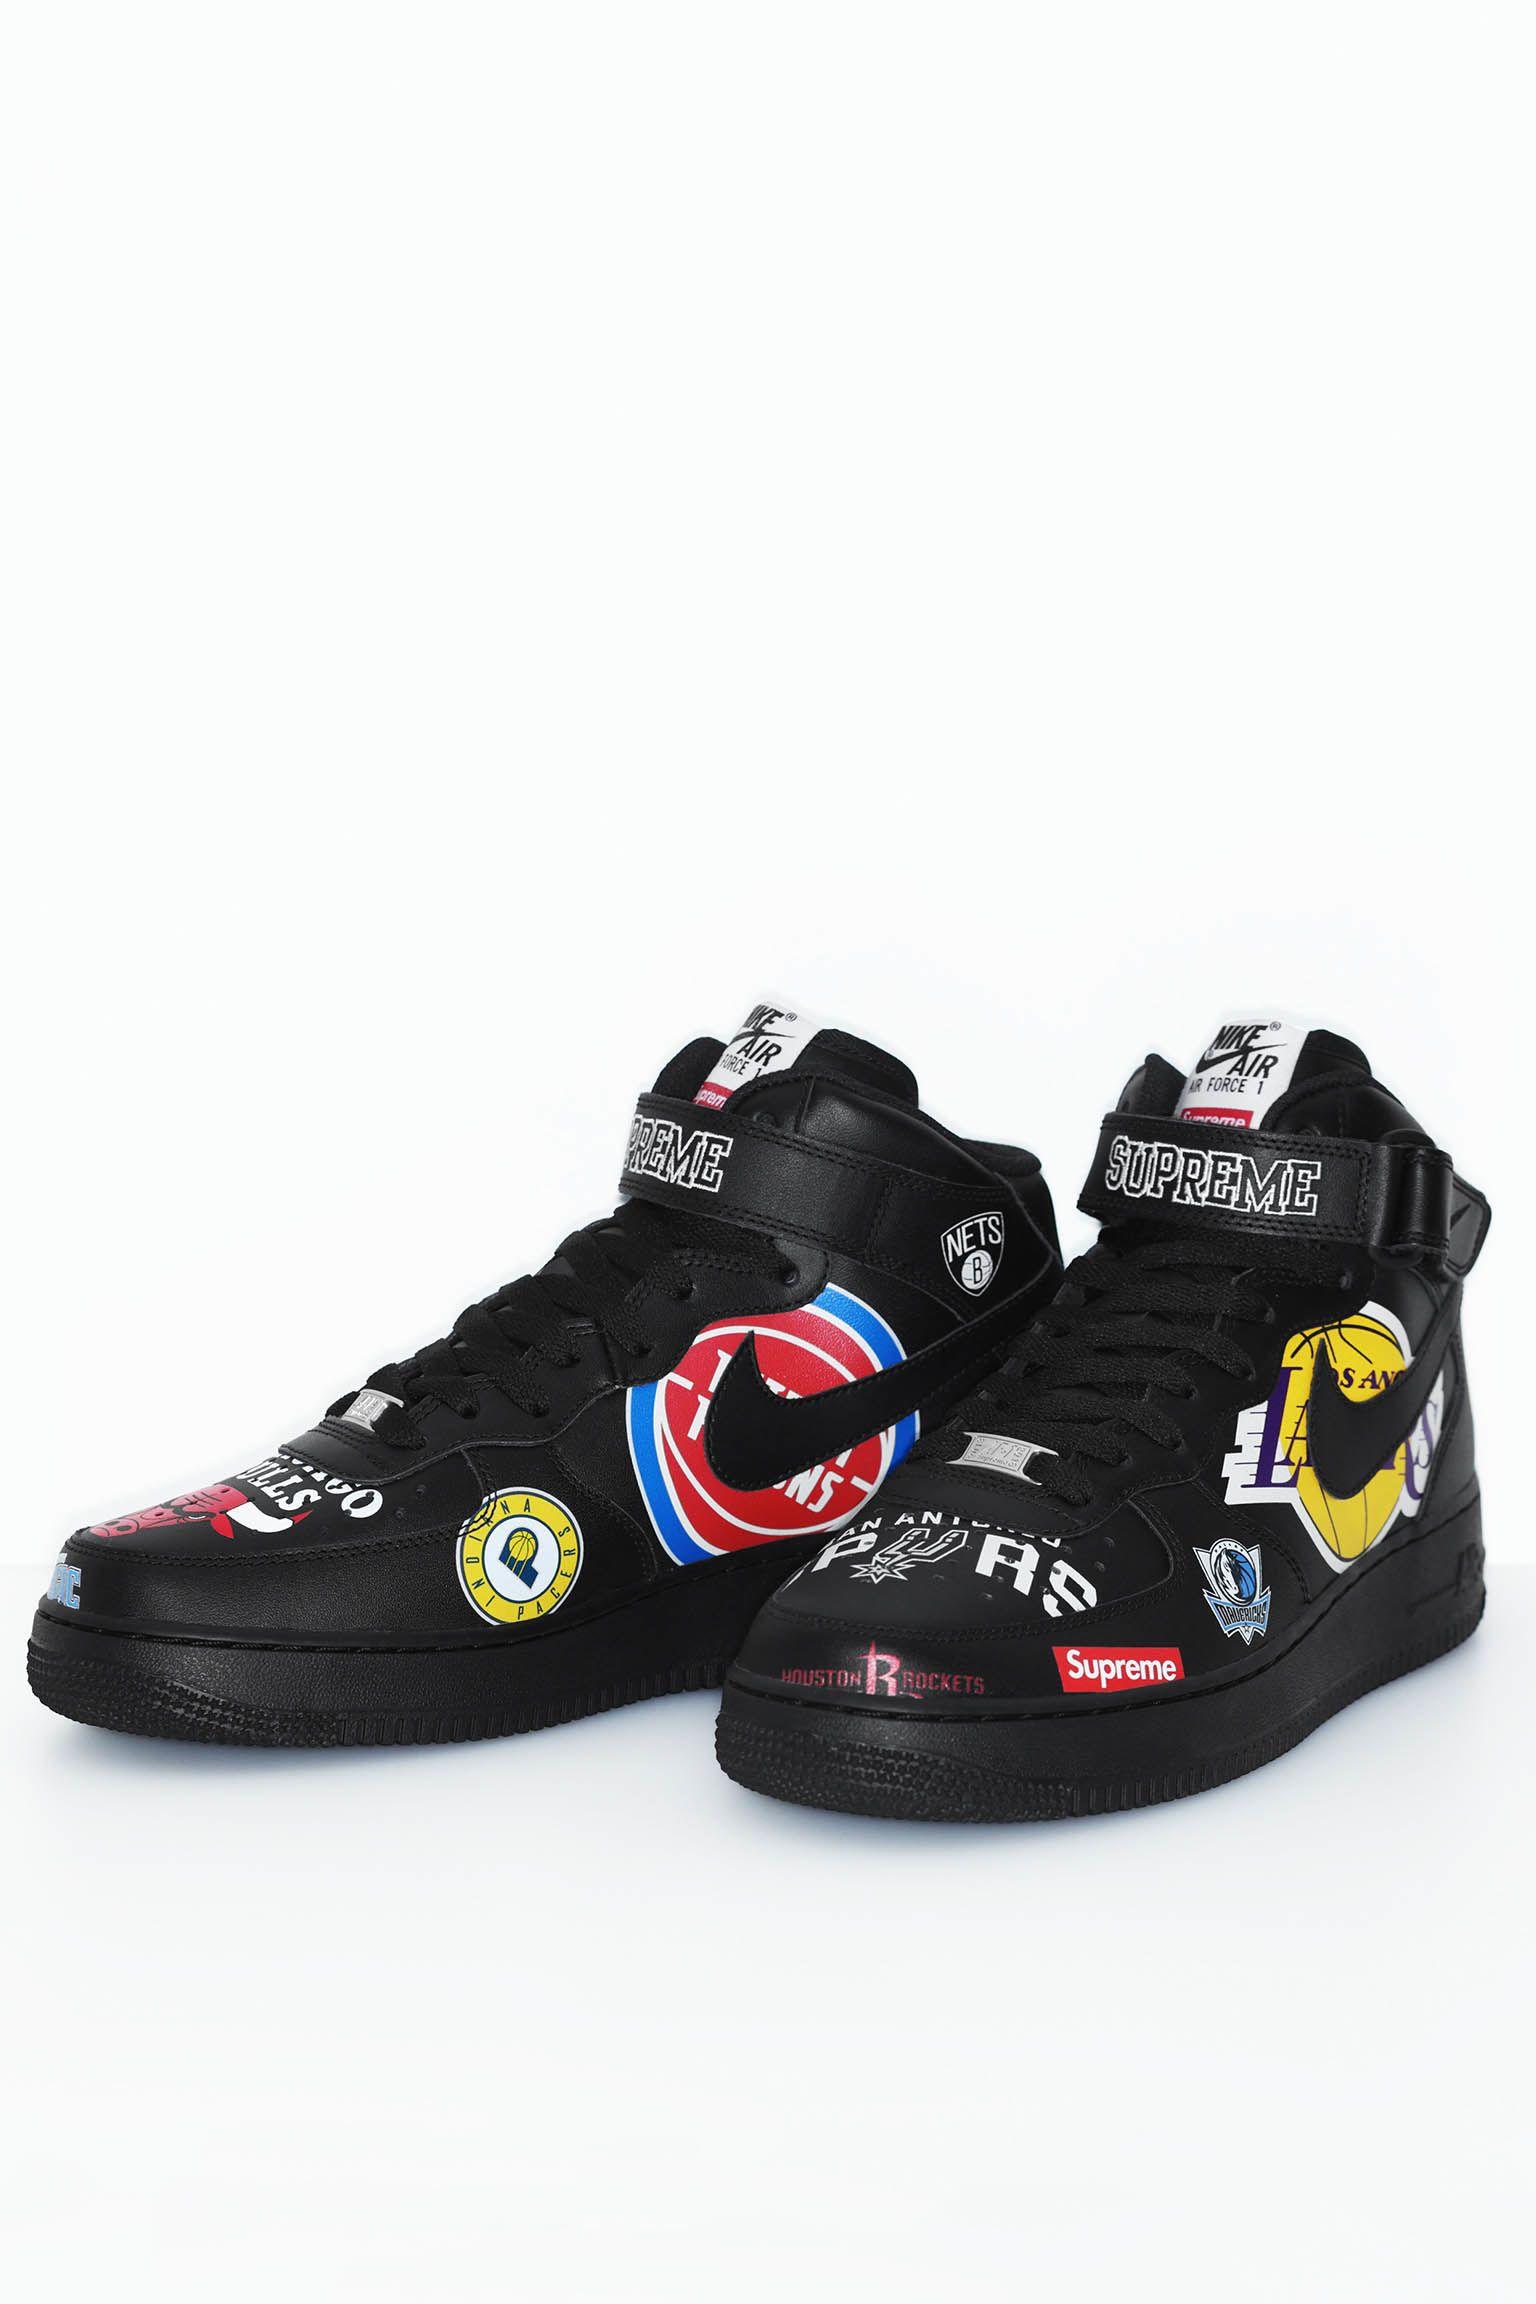 Nike x Supreme Air Force 1 Mid '07